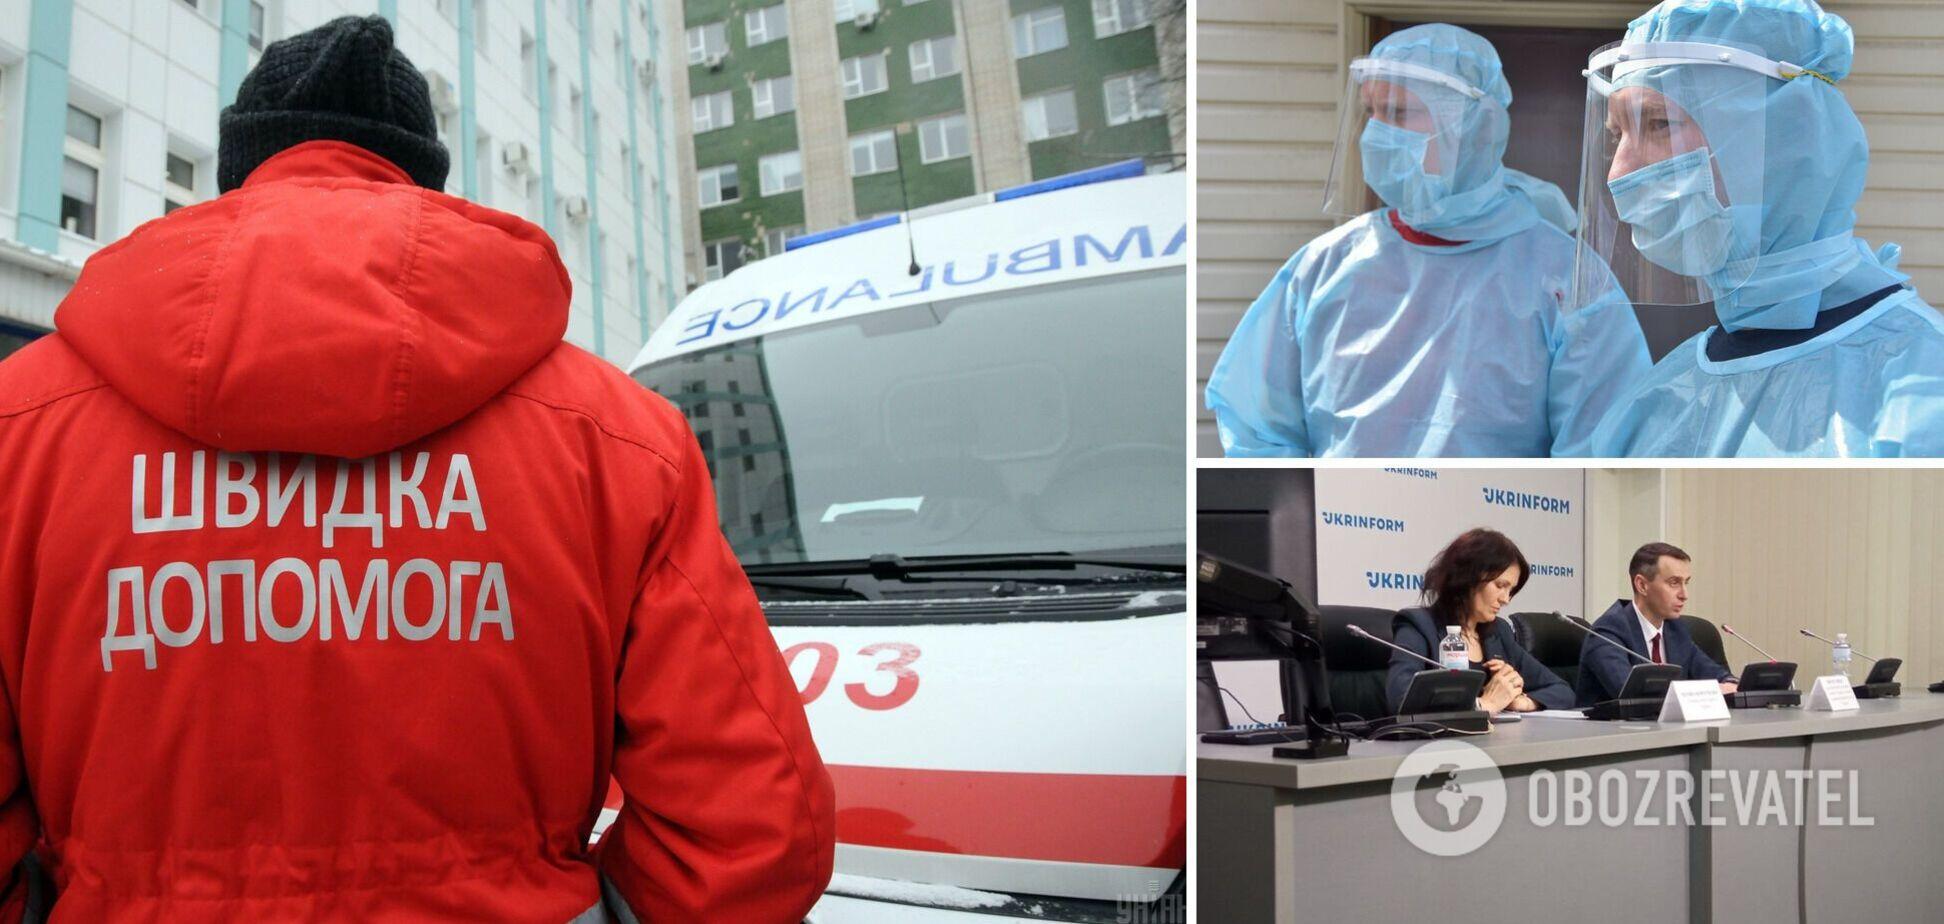 Вакцинація в Україні на низькому старті: як готували фахівців з імунізації від COVID-19